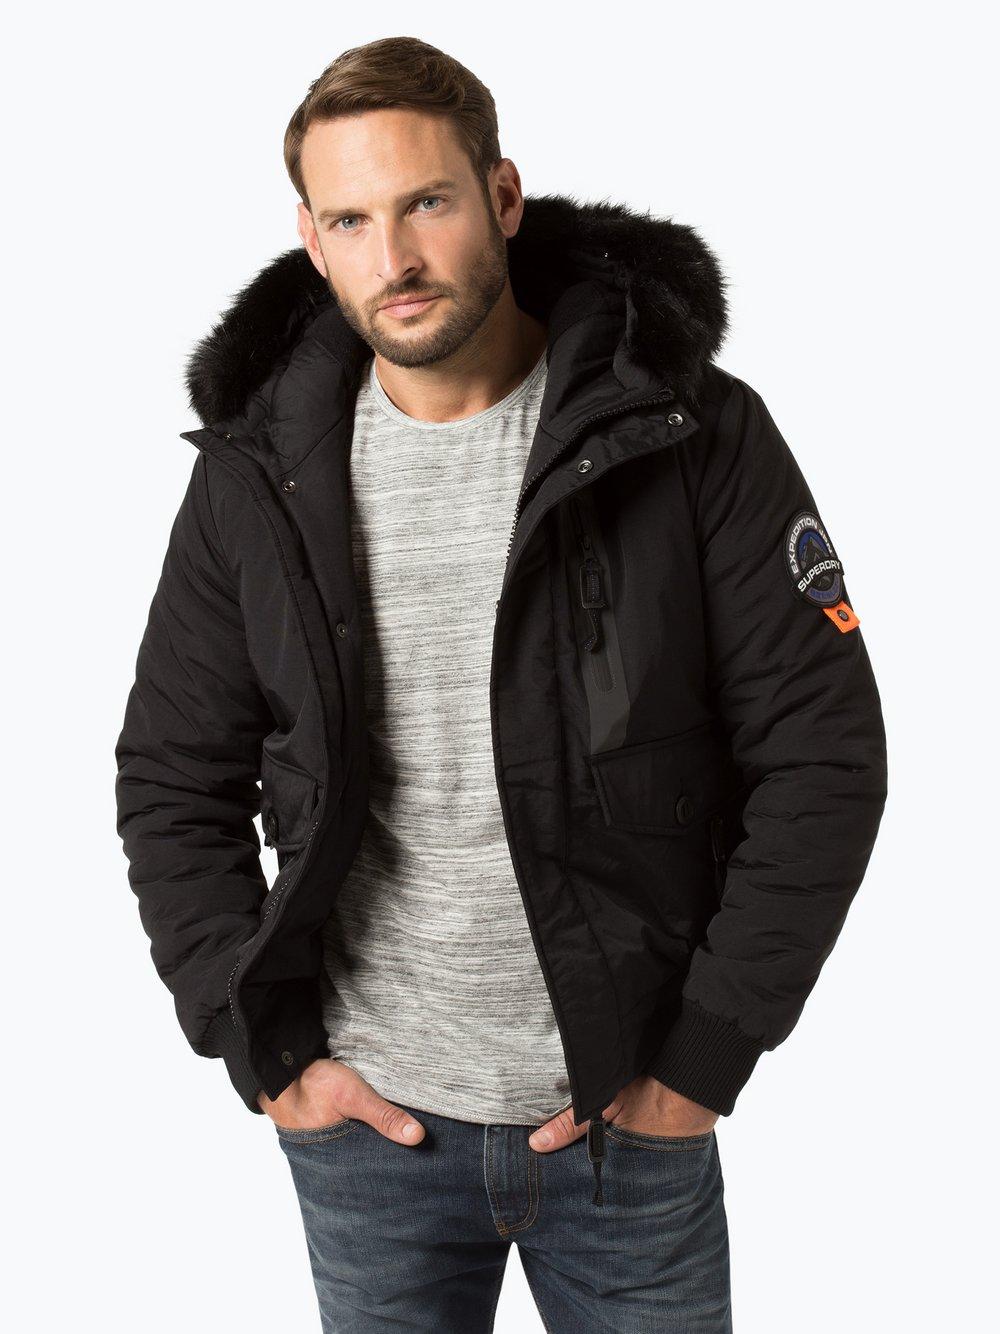 Superdry Herren Jacke online kaufen | PEEK UND CLOPPENBURG.DE